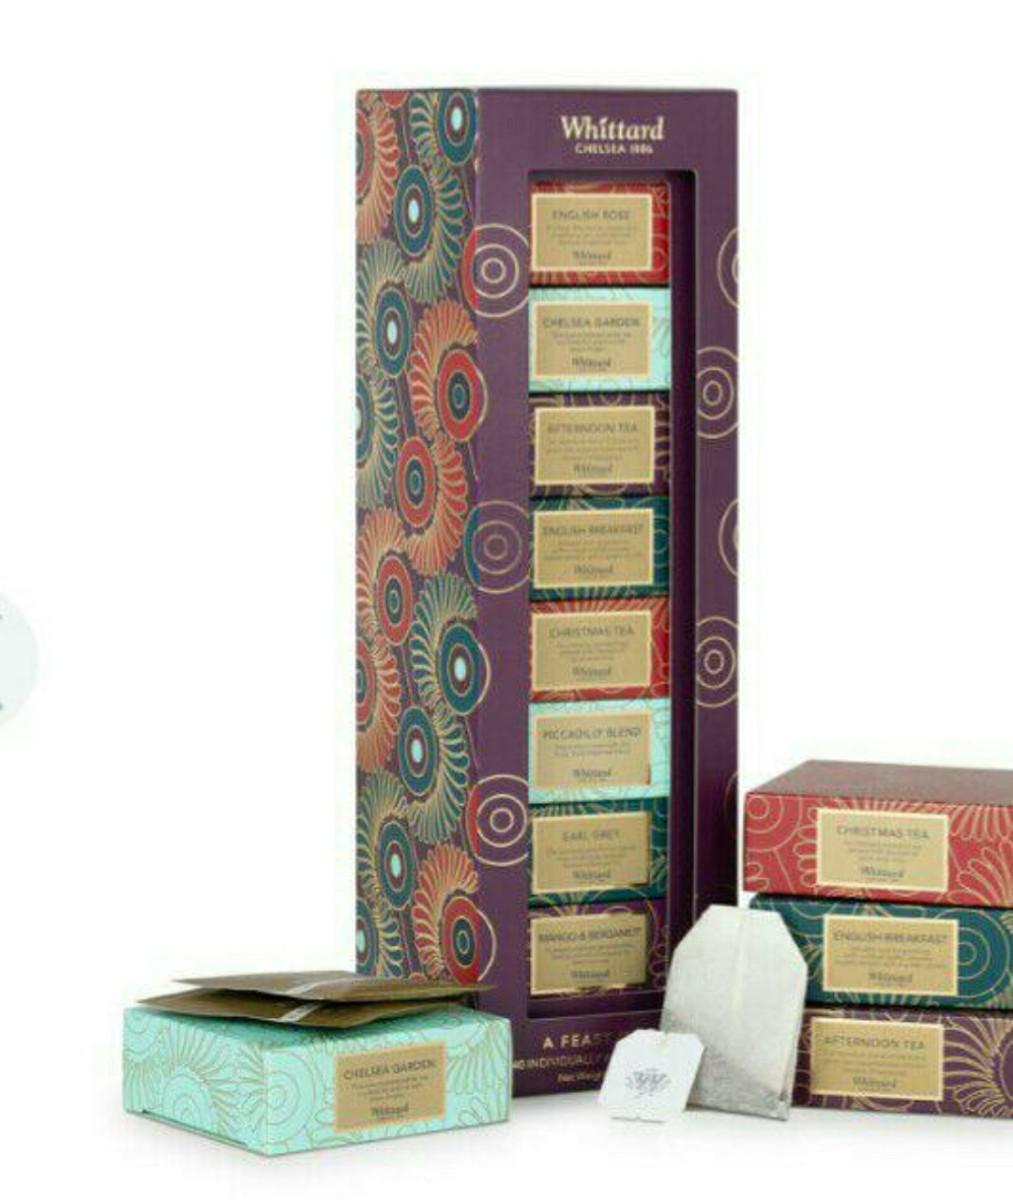 ウィッタード  紅茶 セット  Whittard 冬 8種類 40パック